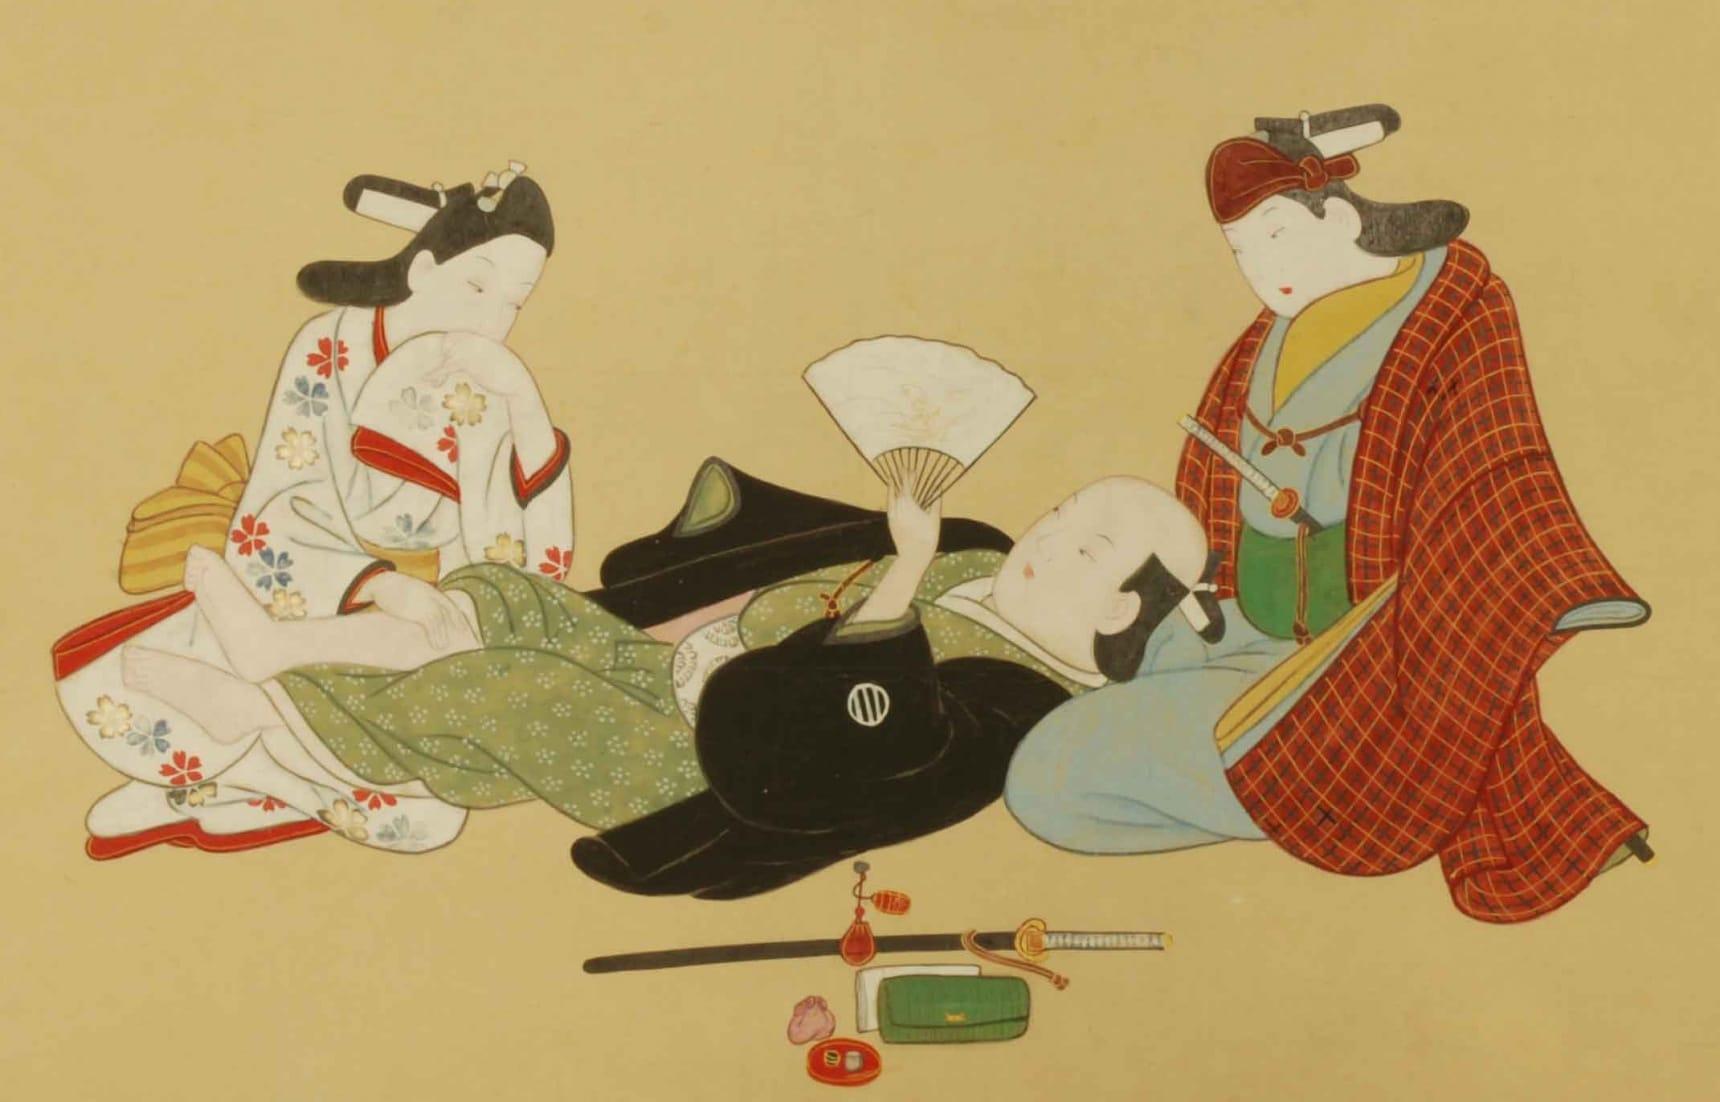 衆道 (ชูโด)พิธีแห่งการเป็นชายเหนือชาย